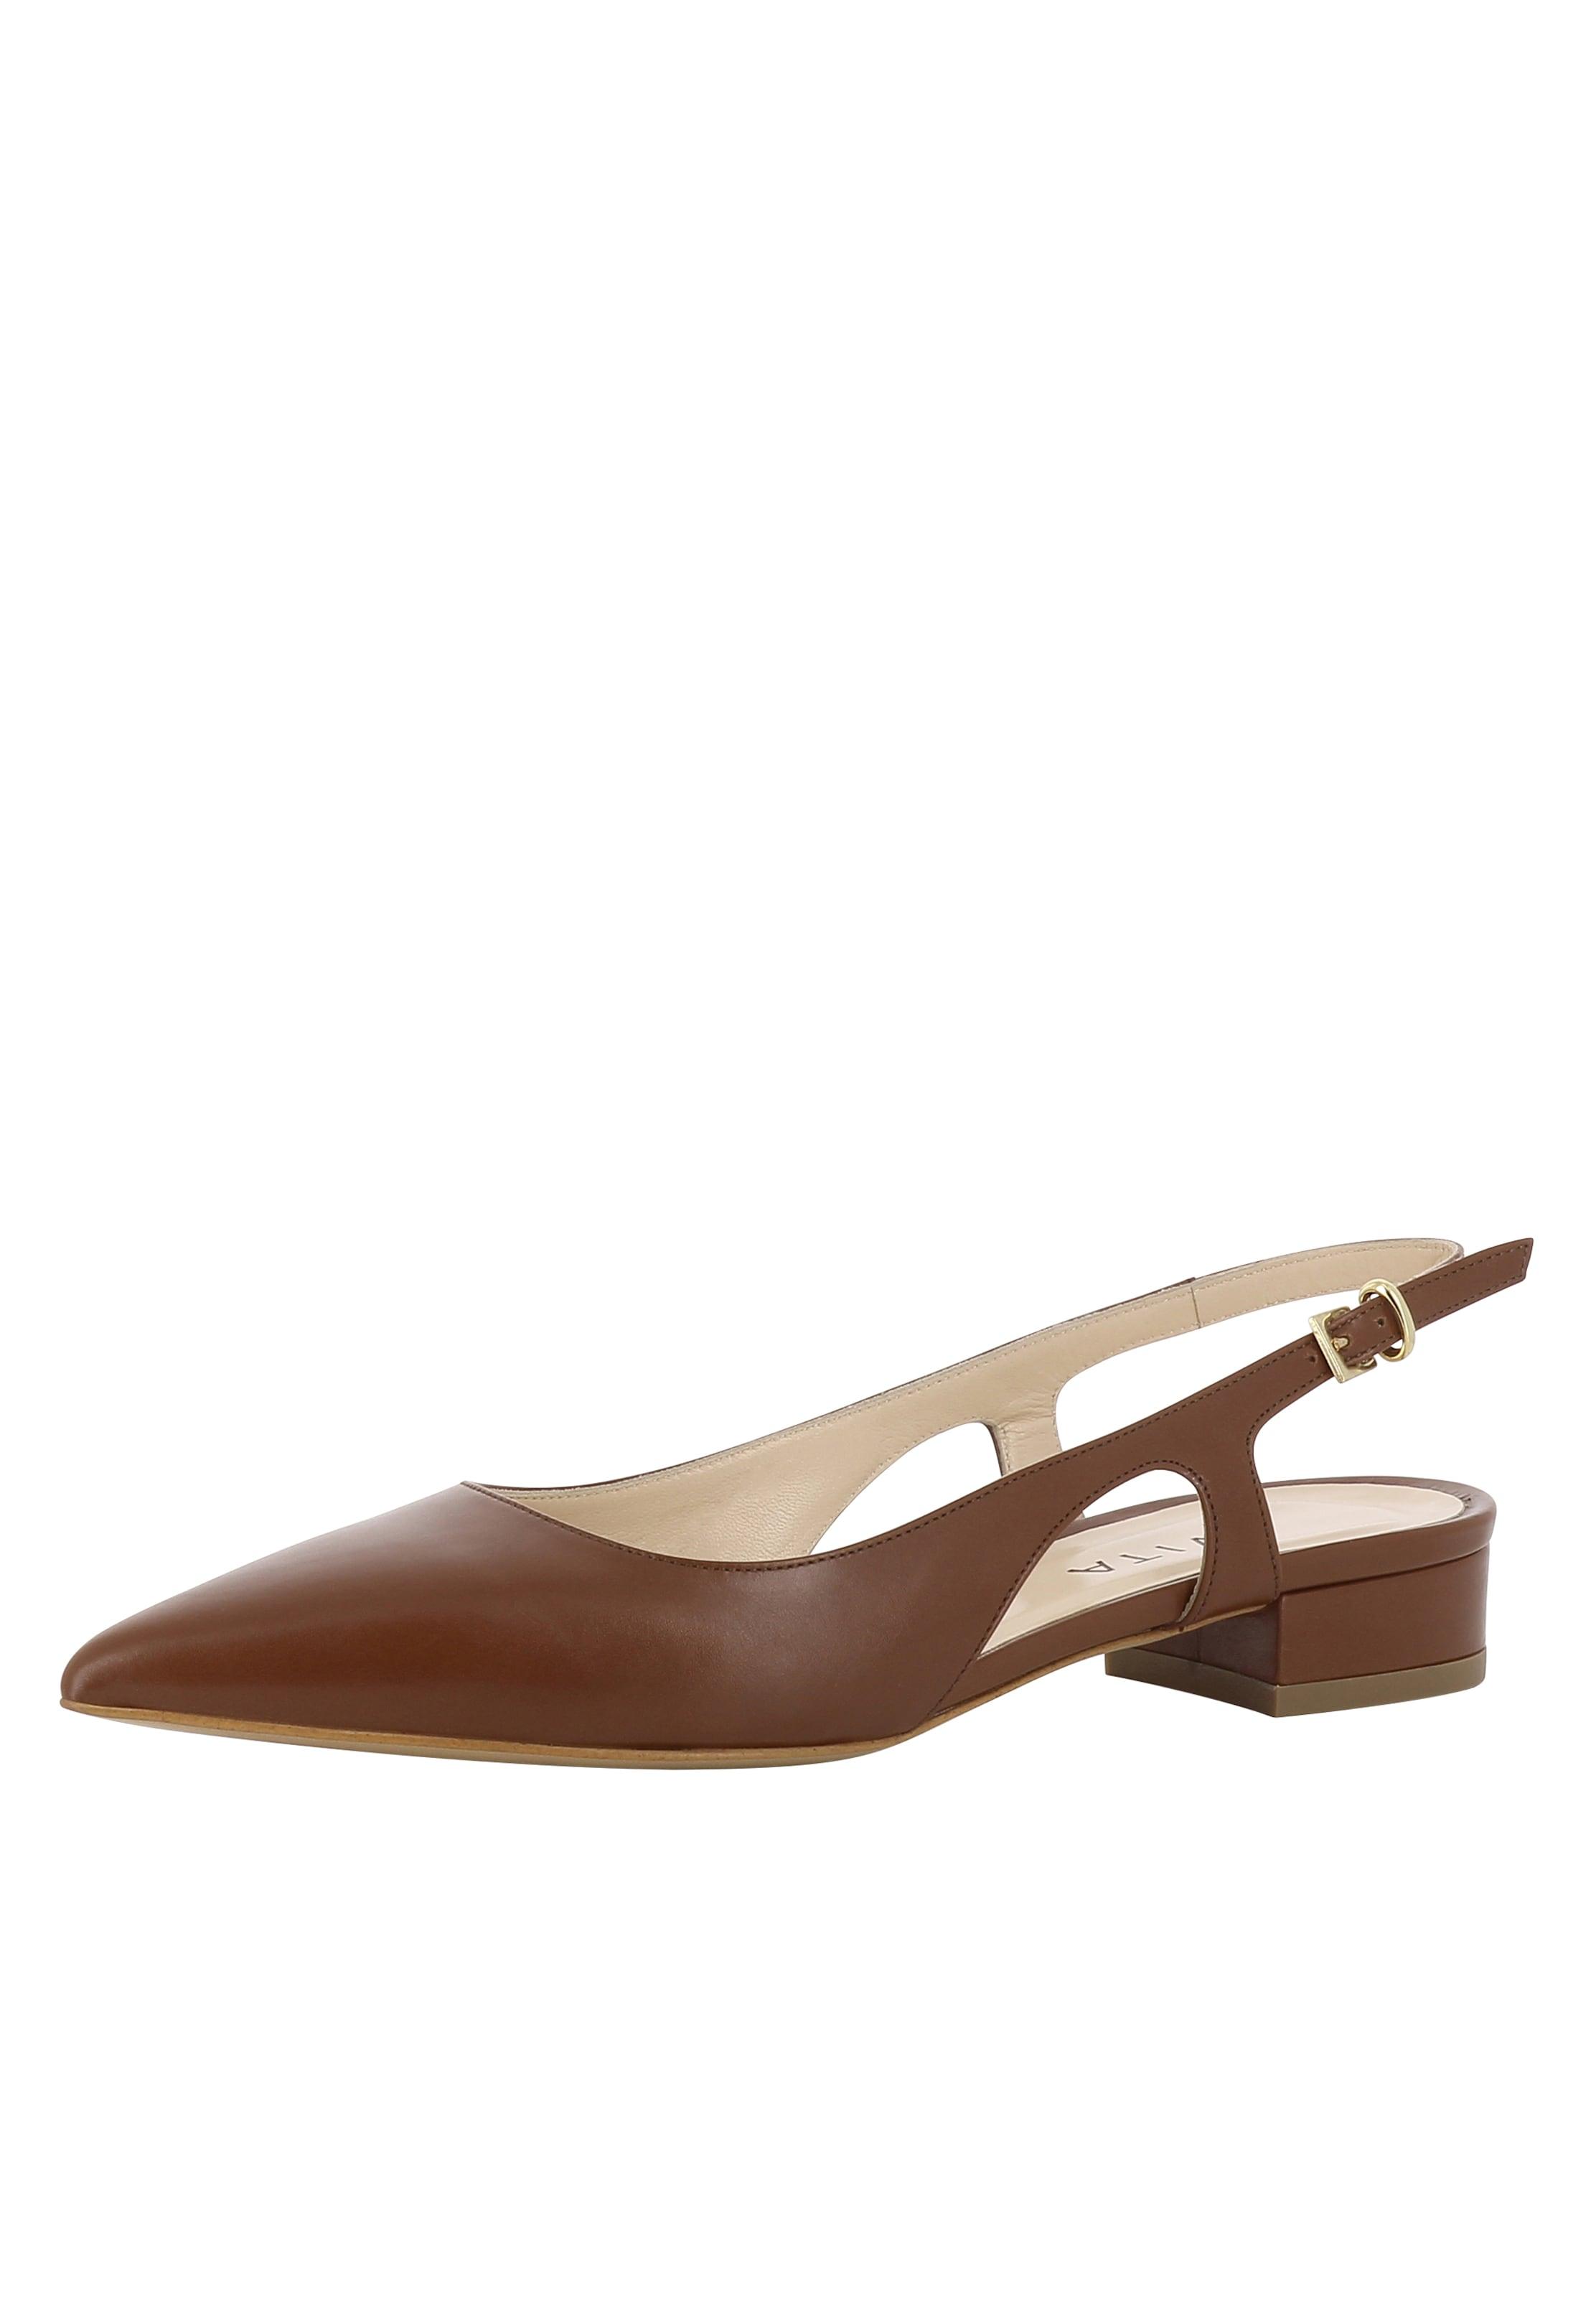 EVITA Pumps FRANCA Verschleißfeste billige Schuhe